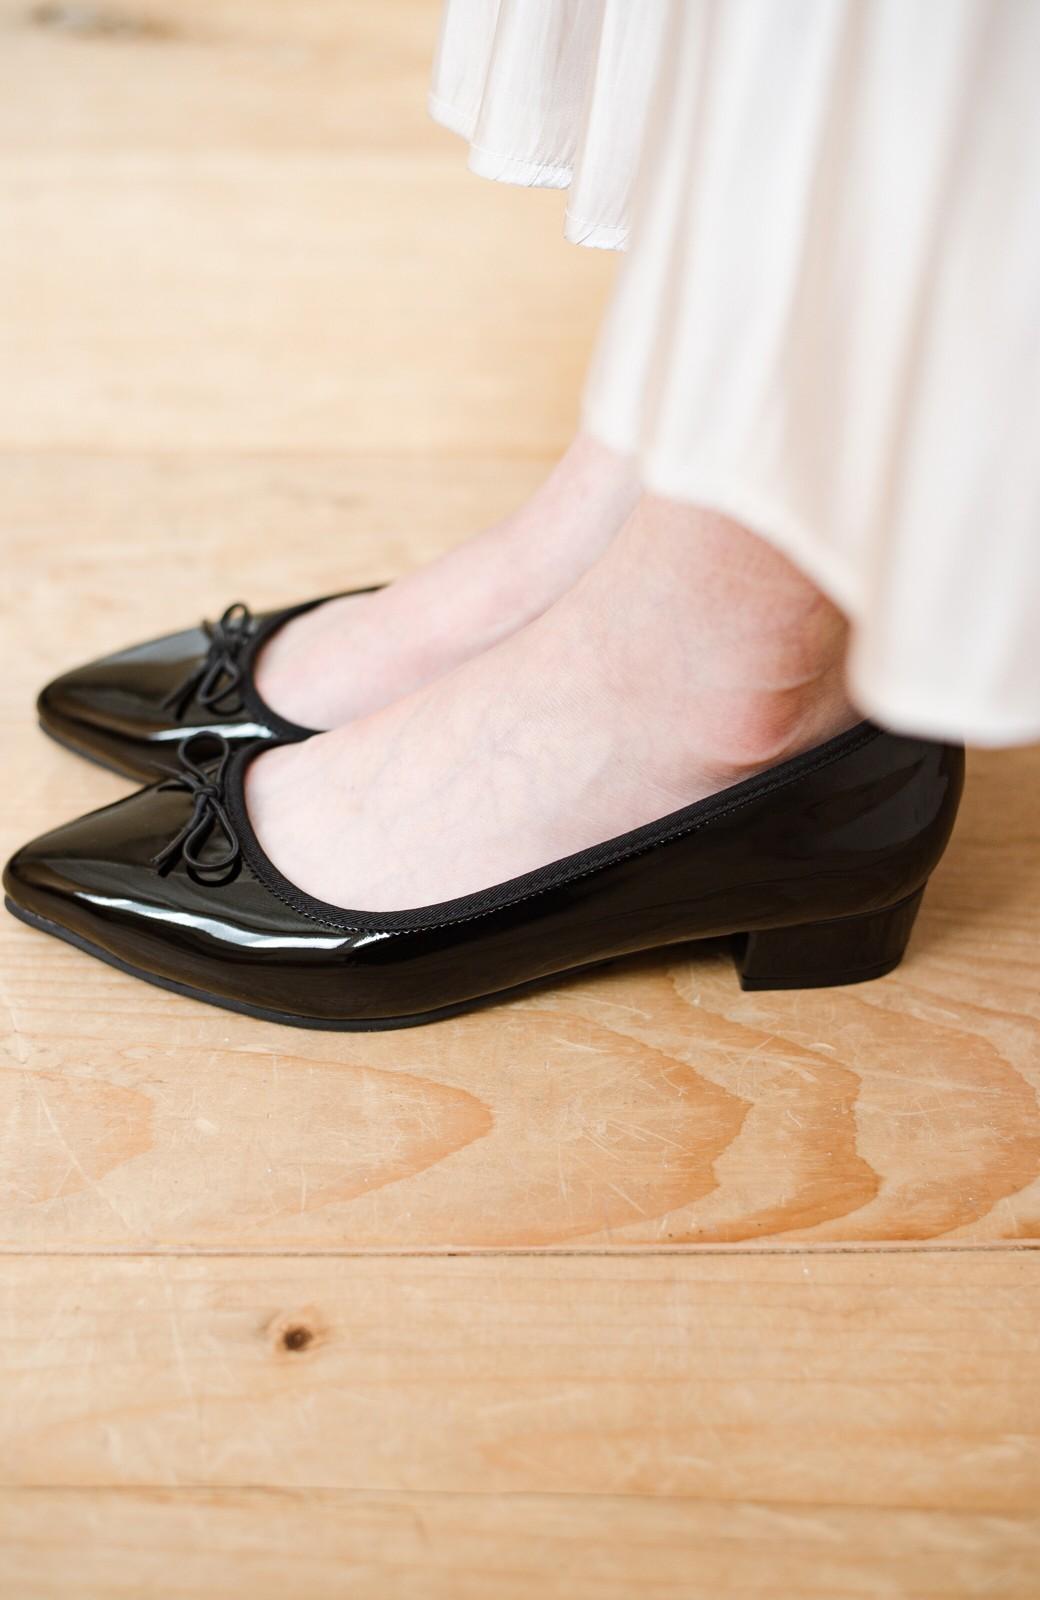 haco! ちょこっとヒールで歩きやすくスタイルアップも!どんなコーデとも似合う万能エナメルバレエシューズ <ブラック>の商品写真4